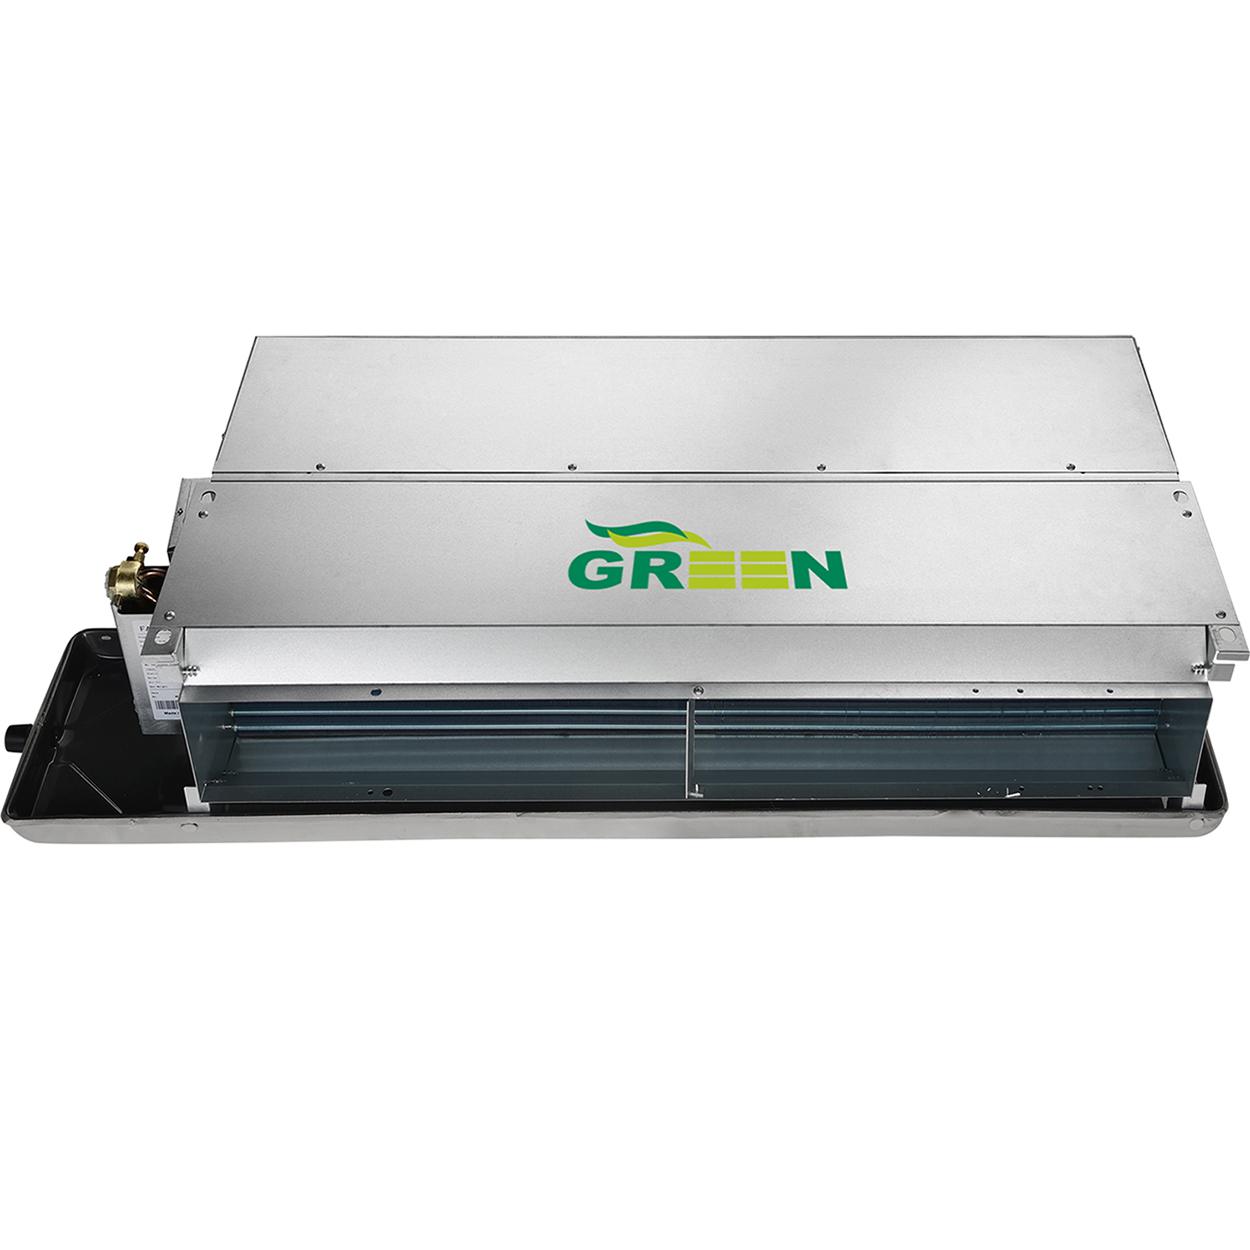 فن کویل گرین مدل GِِِDF1000P1 ظرفیت 1000 فوت مکعب بر دقیقه